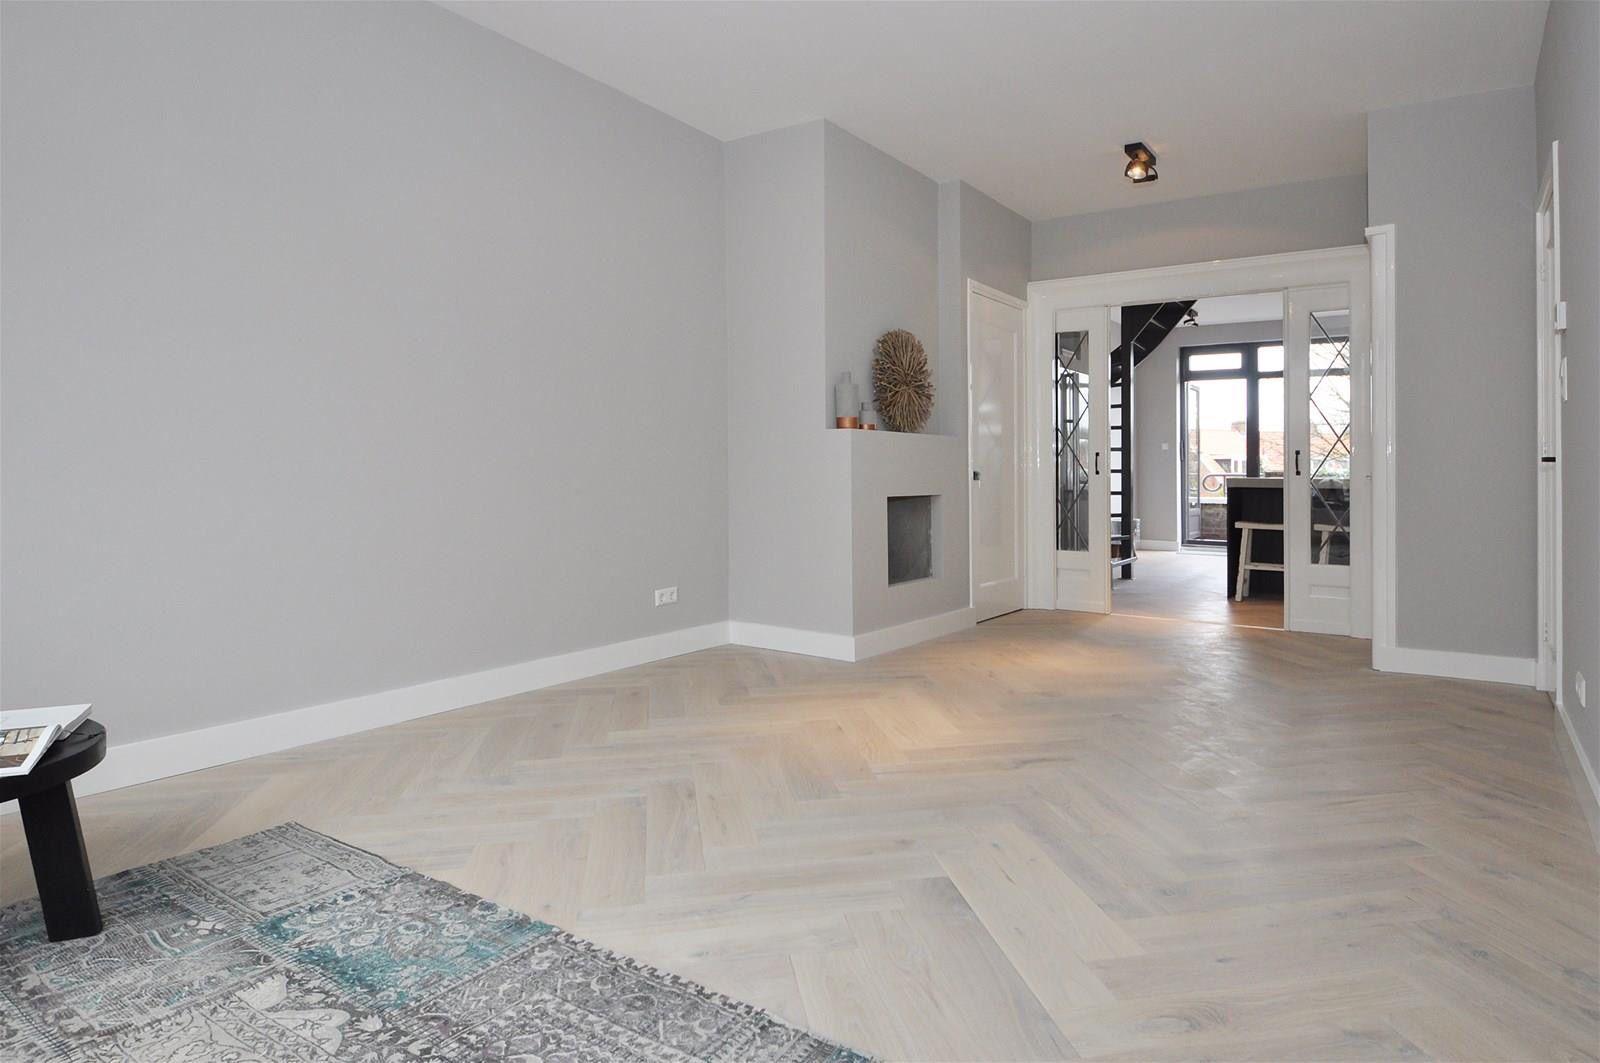 foto de Visgraatvloer licht grijze wanden B & S in 2019 Huis interieur Woonkamer Kleuren en Grijze